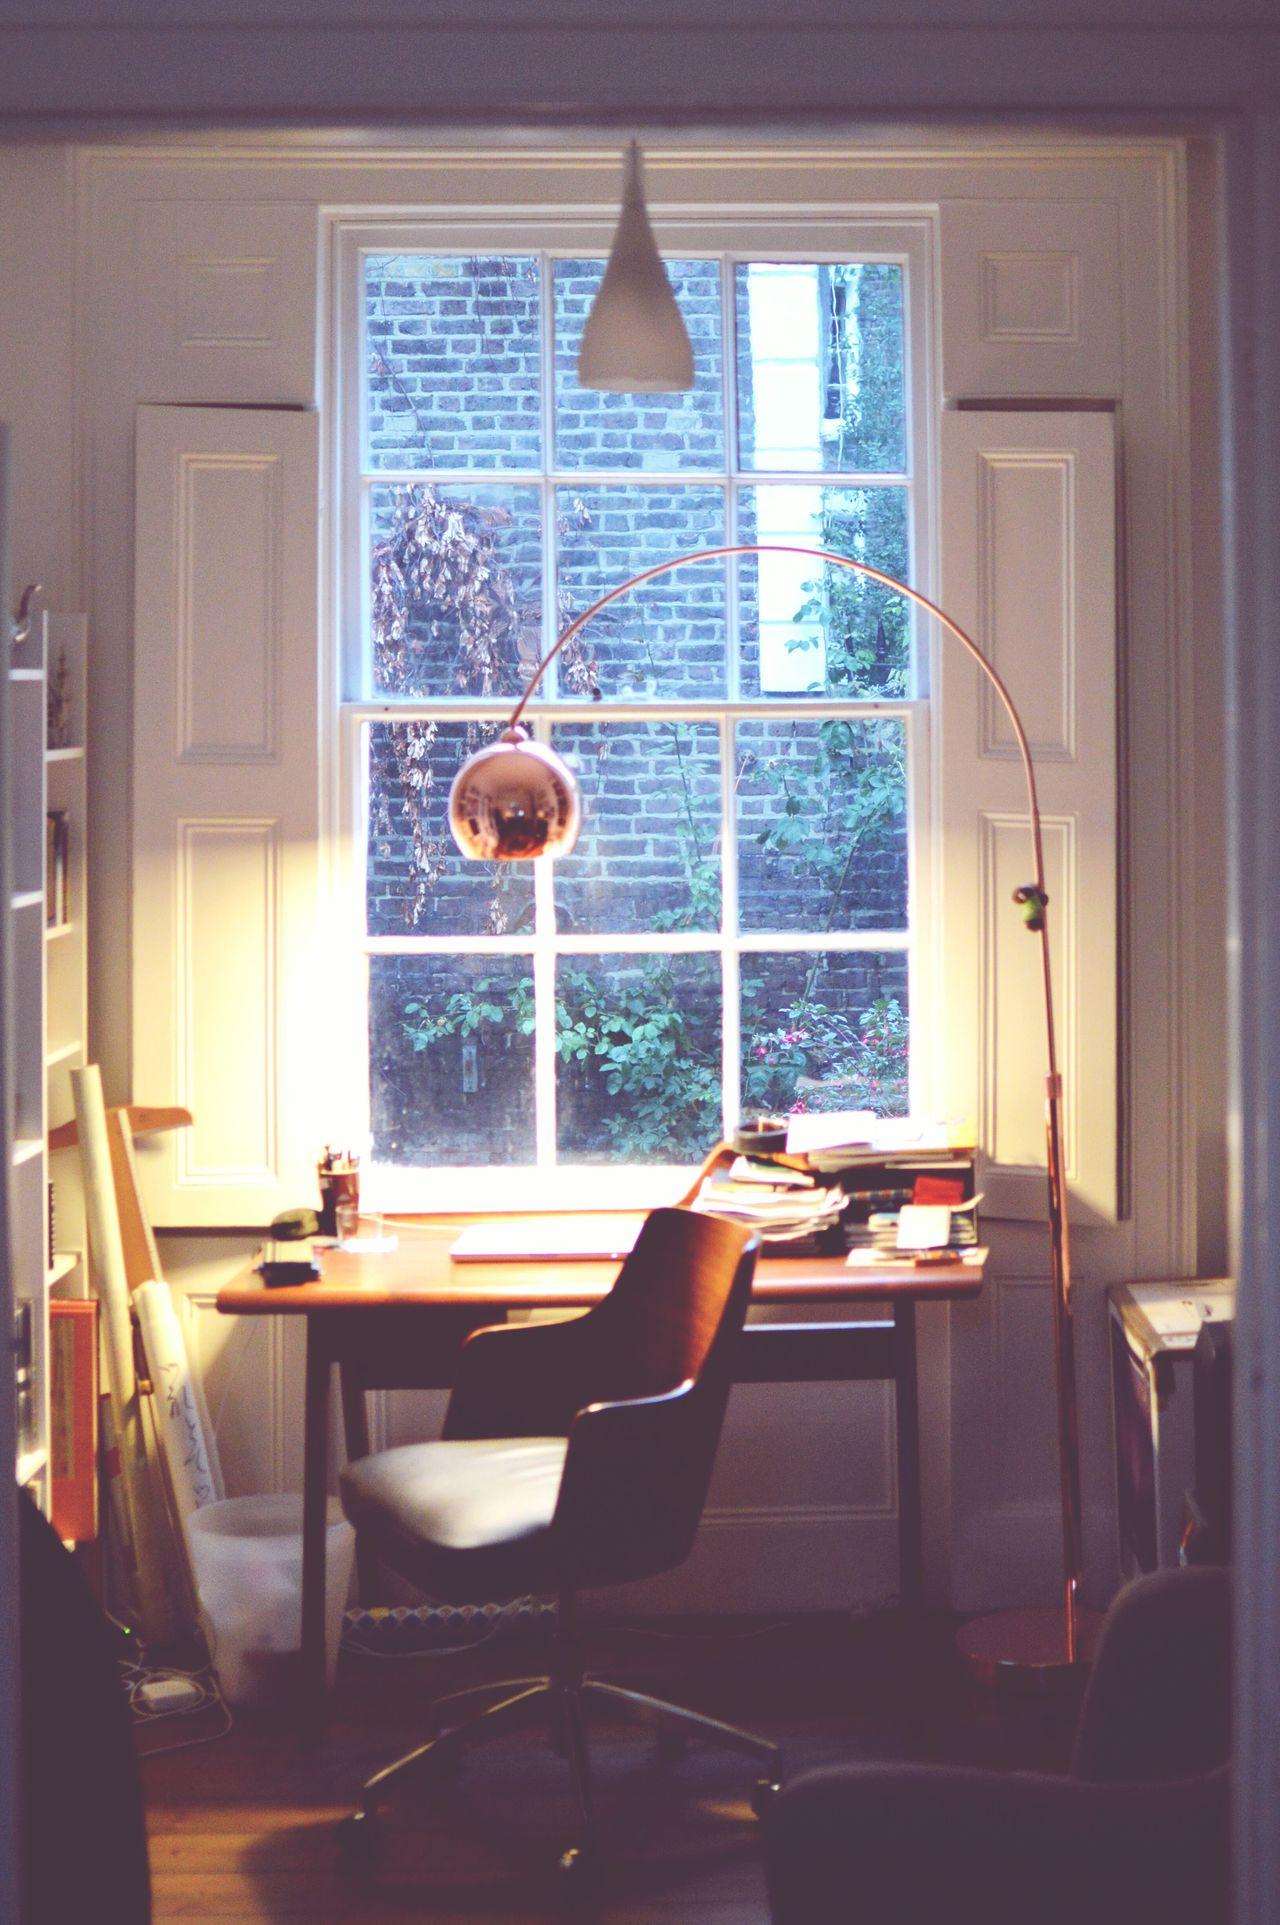 Home office desk by window